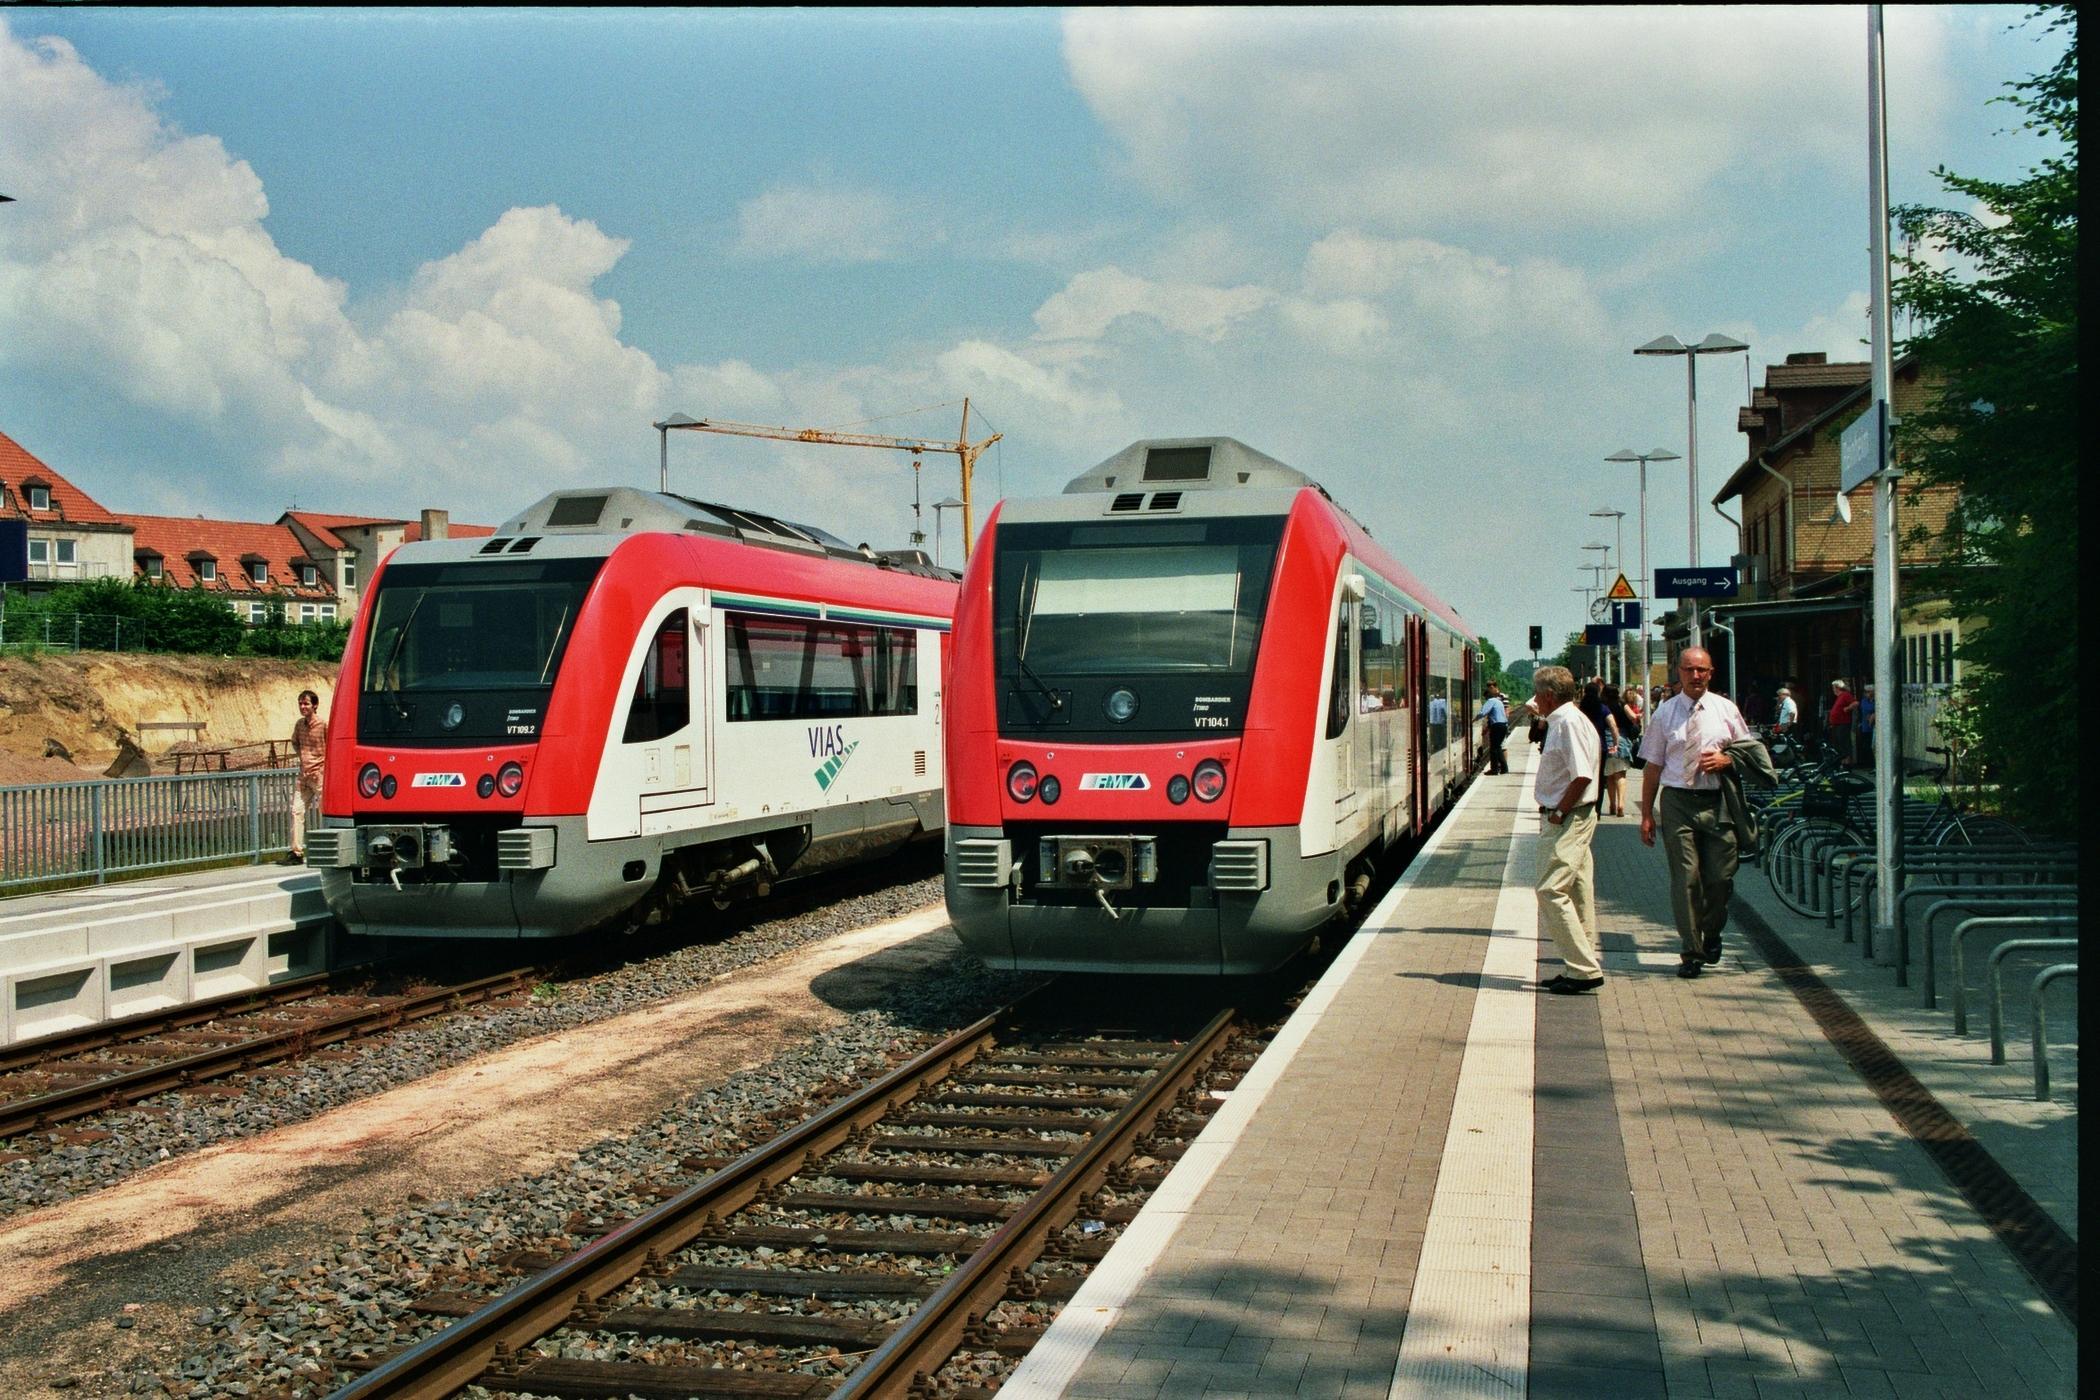 Neue Station Reinheim mit Odenwaldbahn im Doppelpack - Zwei Odenwaldbahnen nebeneinander auf zwei Gleisen